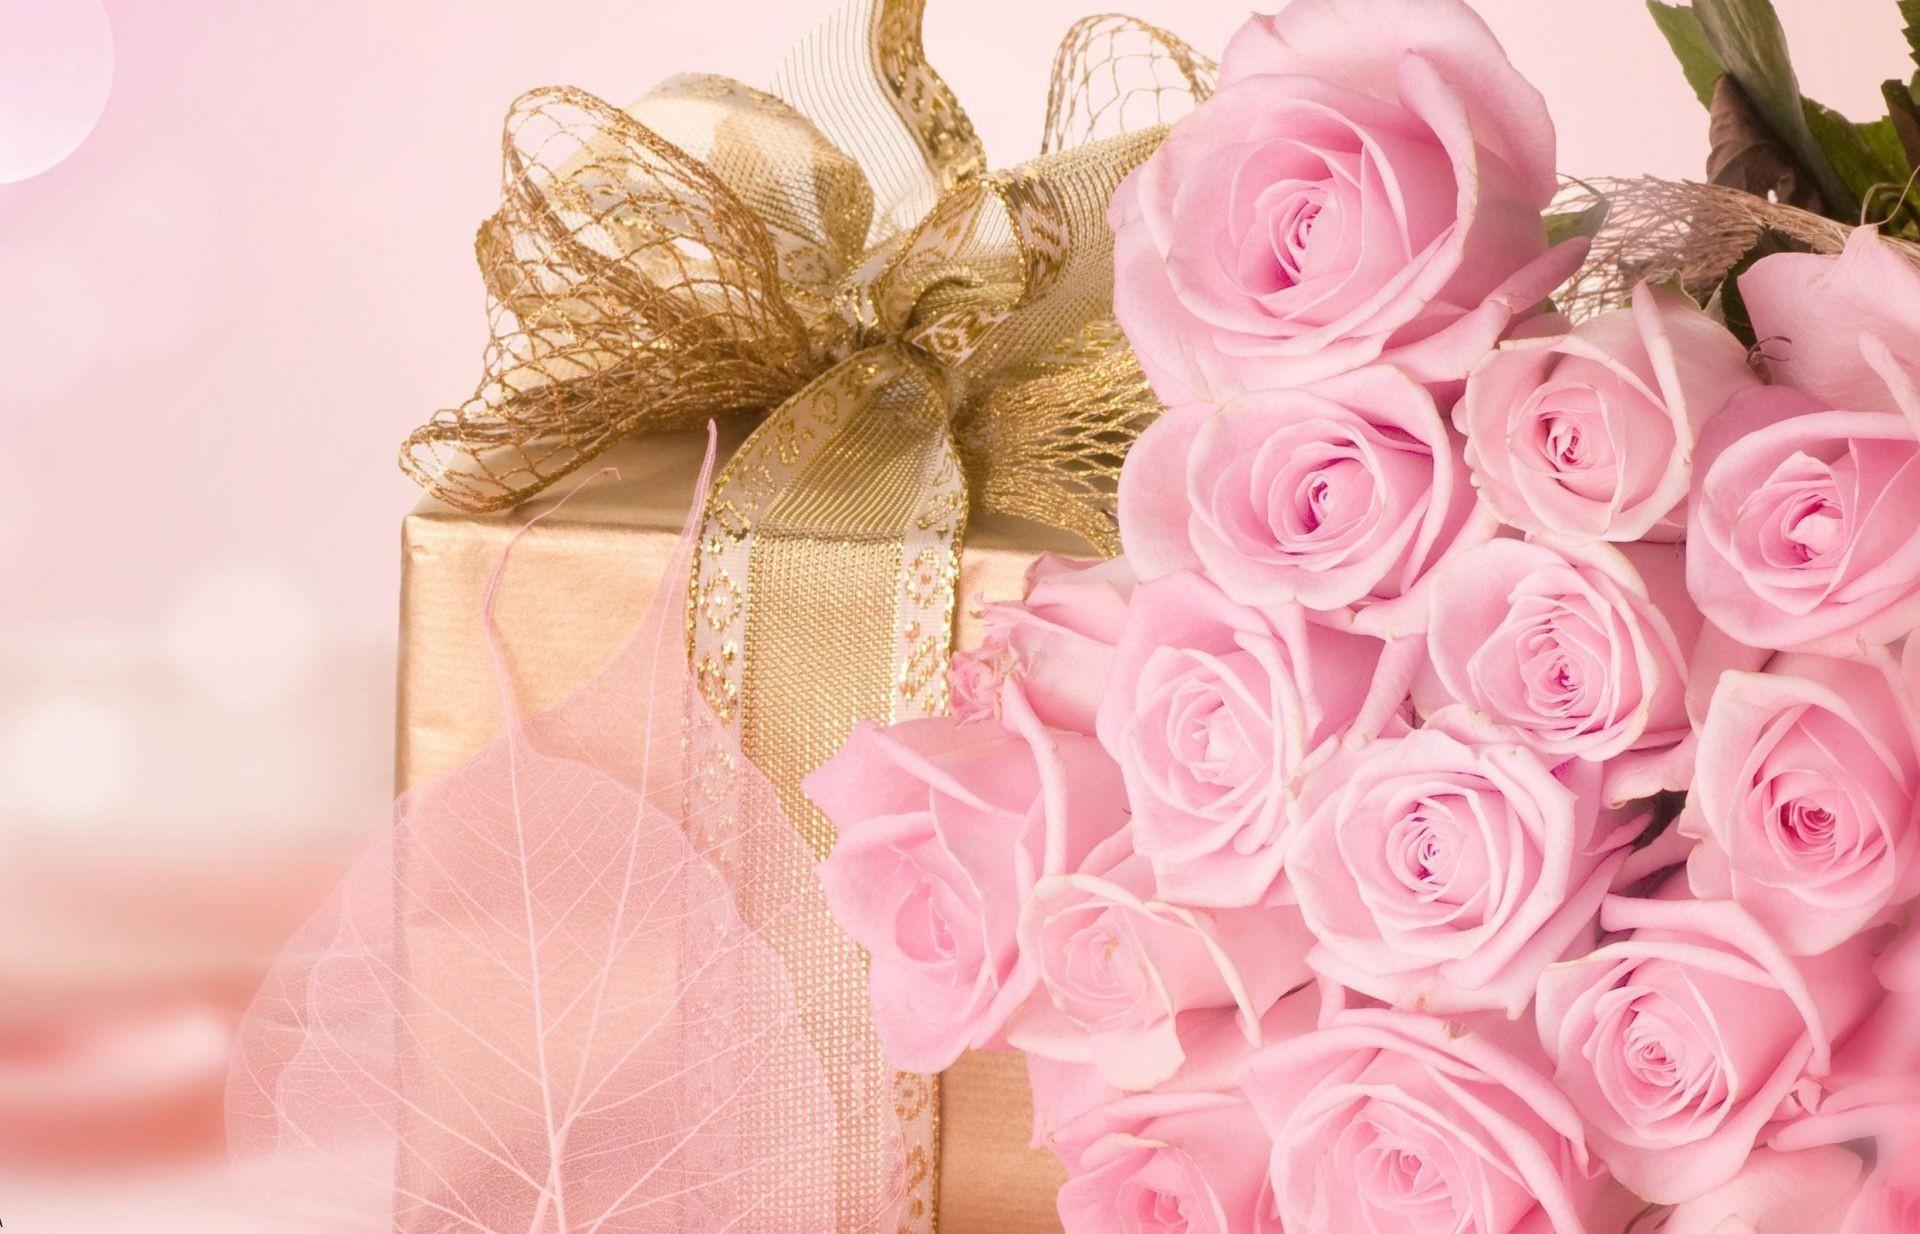 розы,упаковка,букет,праздник  № 759866 без смс